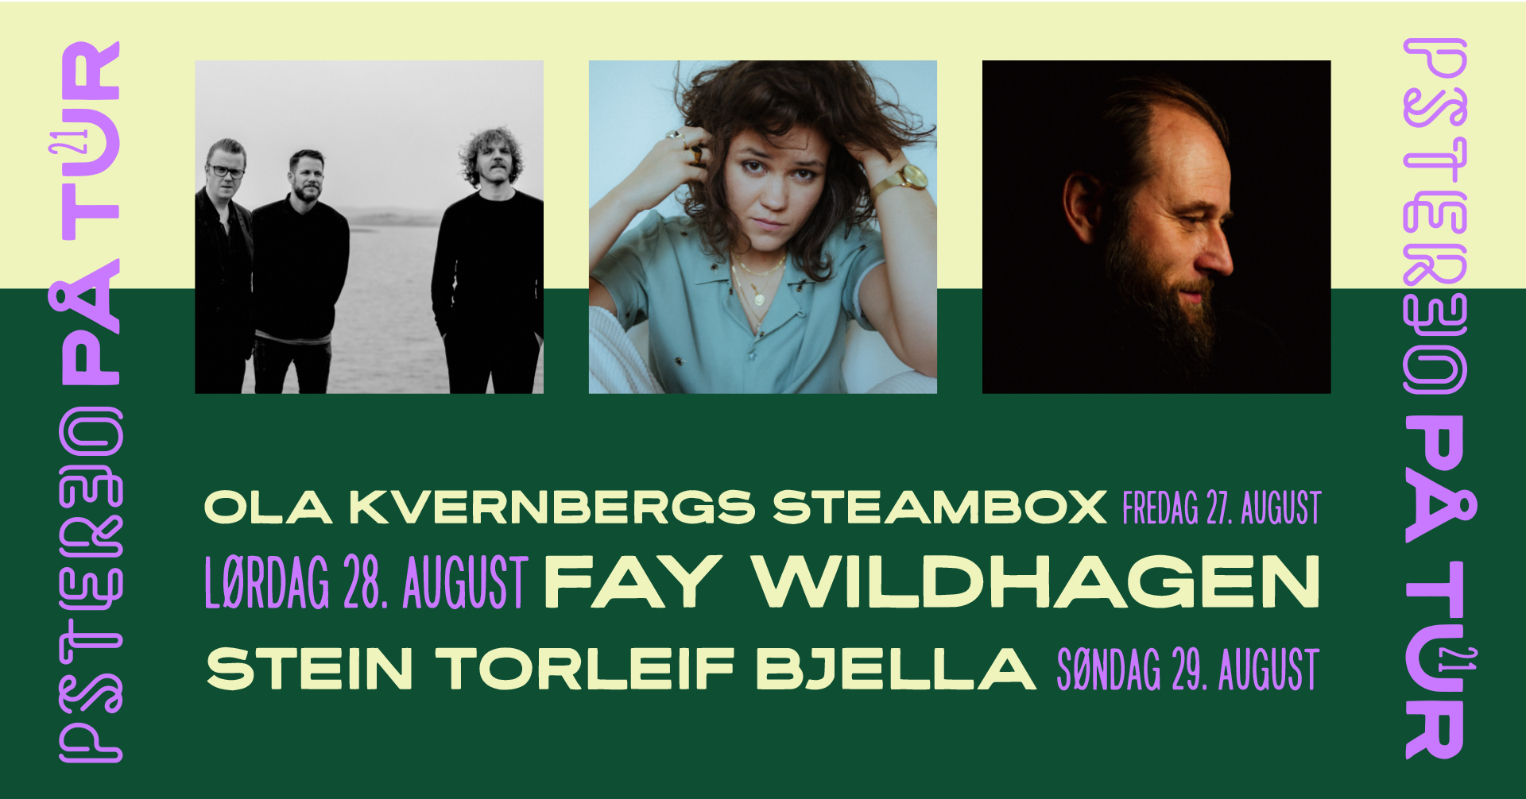 Pstereo på tur: Ola Kvernbergs Steambox